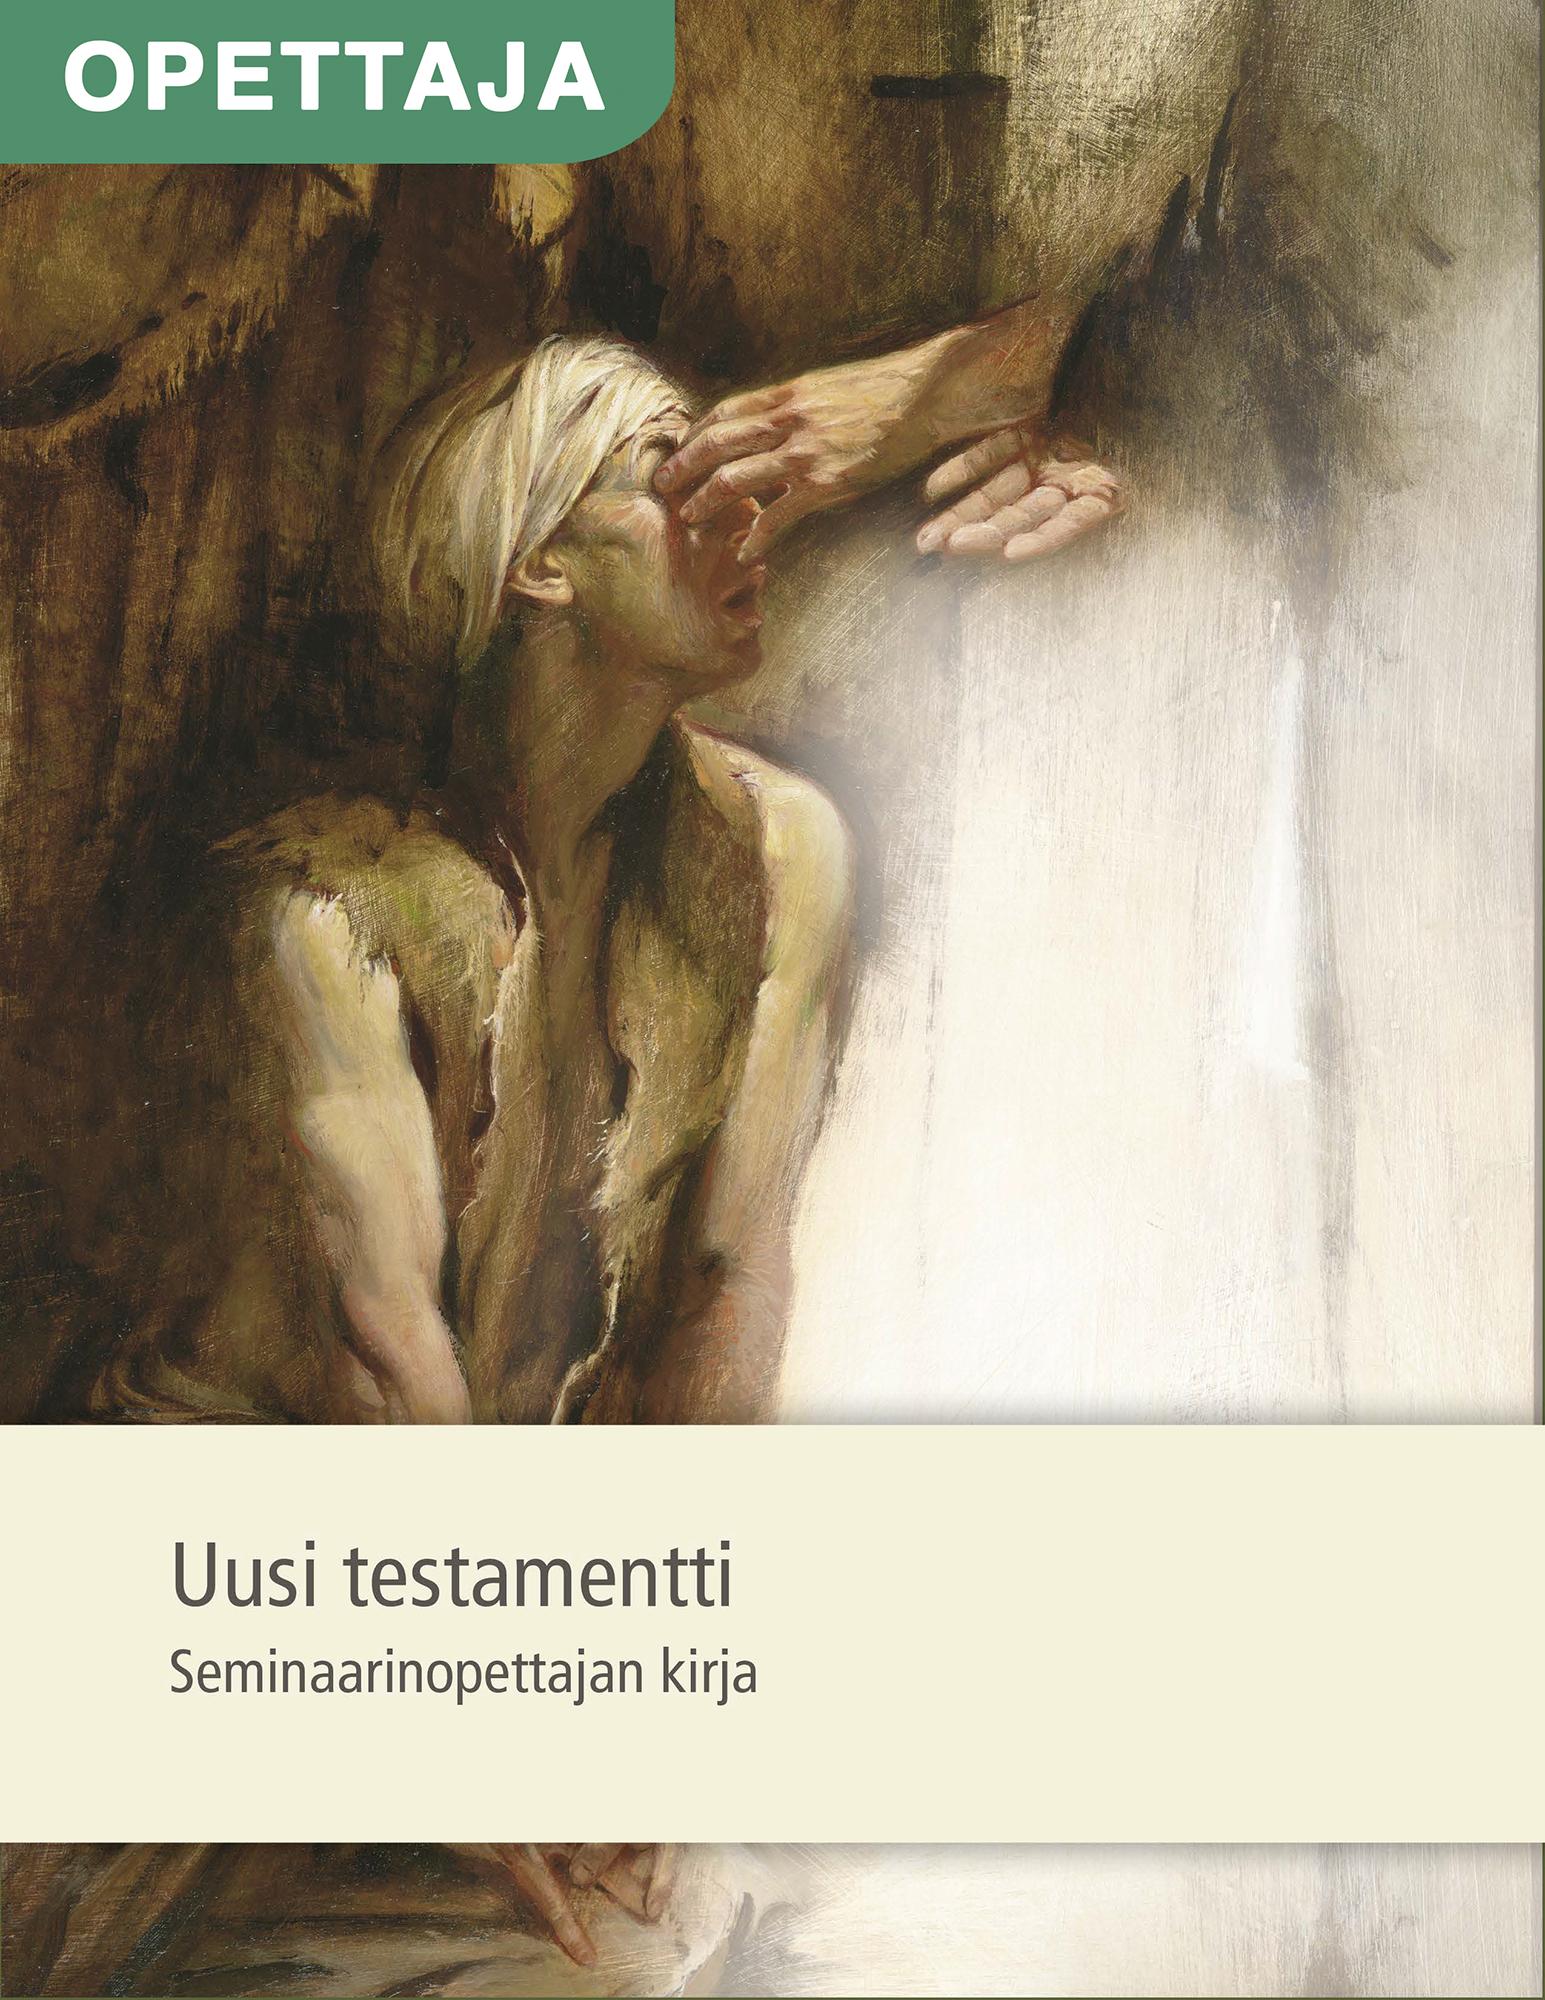 Uusi testamentti, seminaarinopettajan kirja